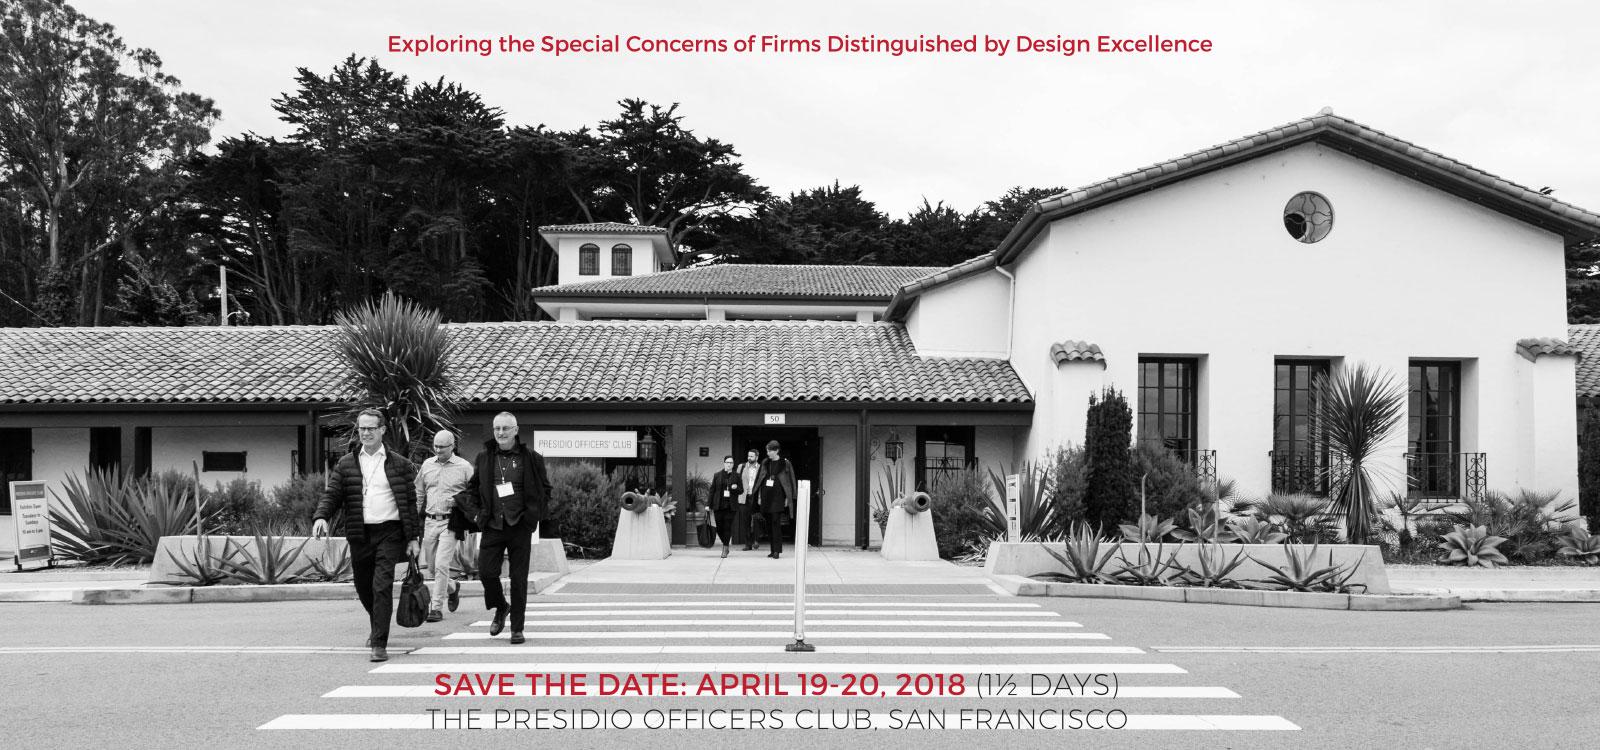 Design Colloquium, Save the Date: April 19-20, 2018